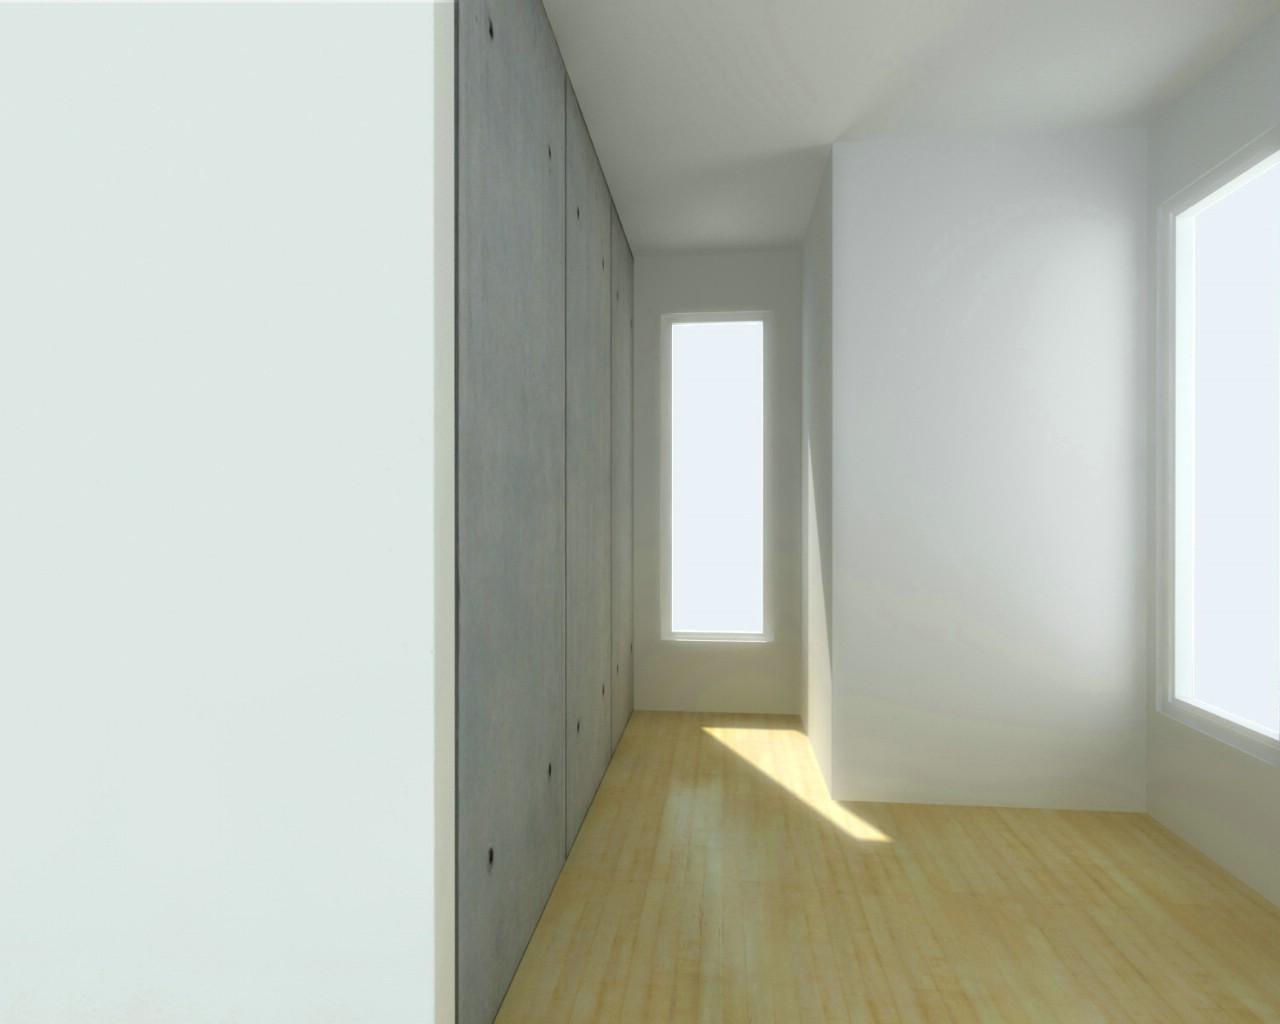 壁纸1280×1024现代简约建筑设计壁纸 壁纸7壁纸 现代简约建筑设计壁纸壁纸图片建筑壁纸建筑图片素材桌面壁纸